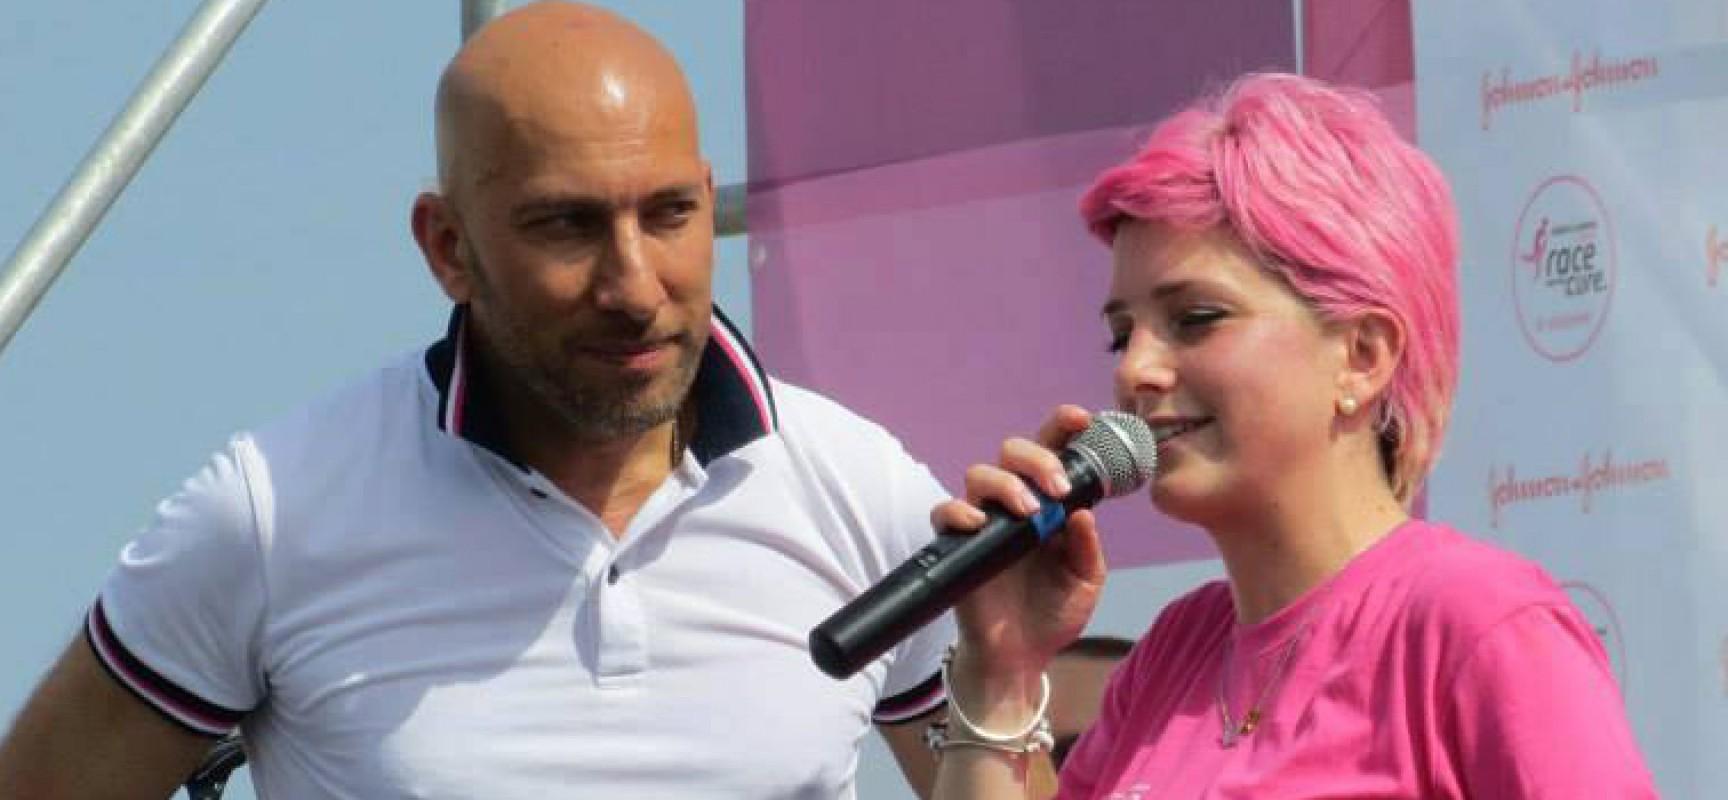 """Antonella Dell'Olio sul palco di Race for the cure: """"L'anno scorso ero lì con la testa pelata"""" / FOTO"""